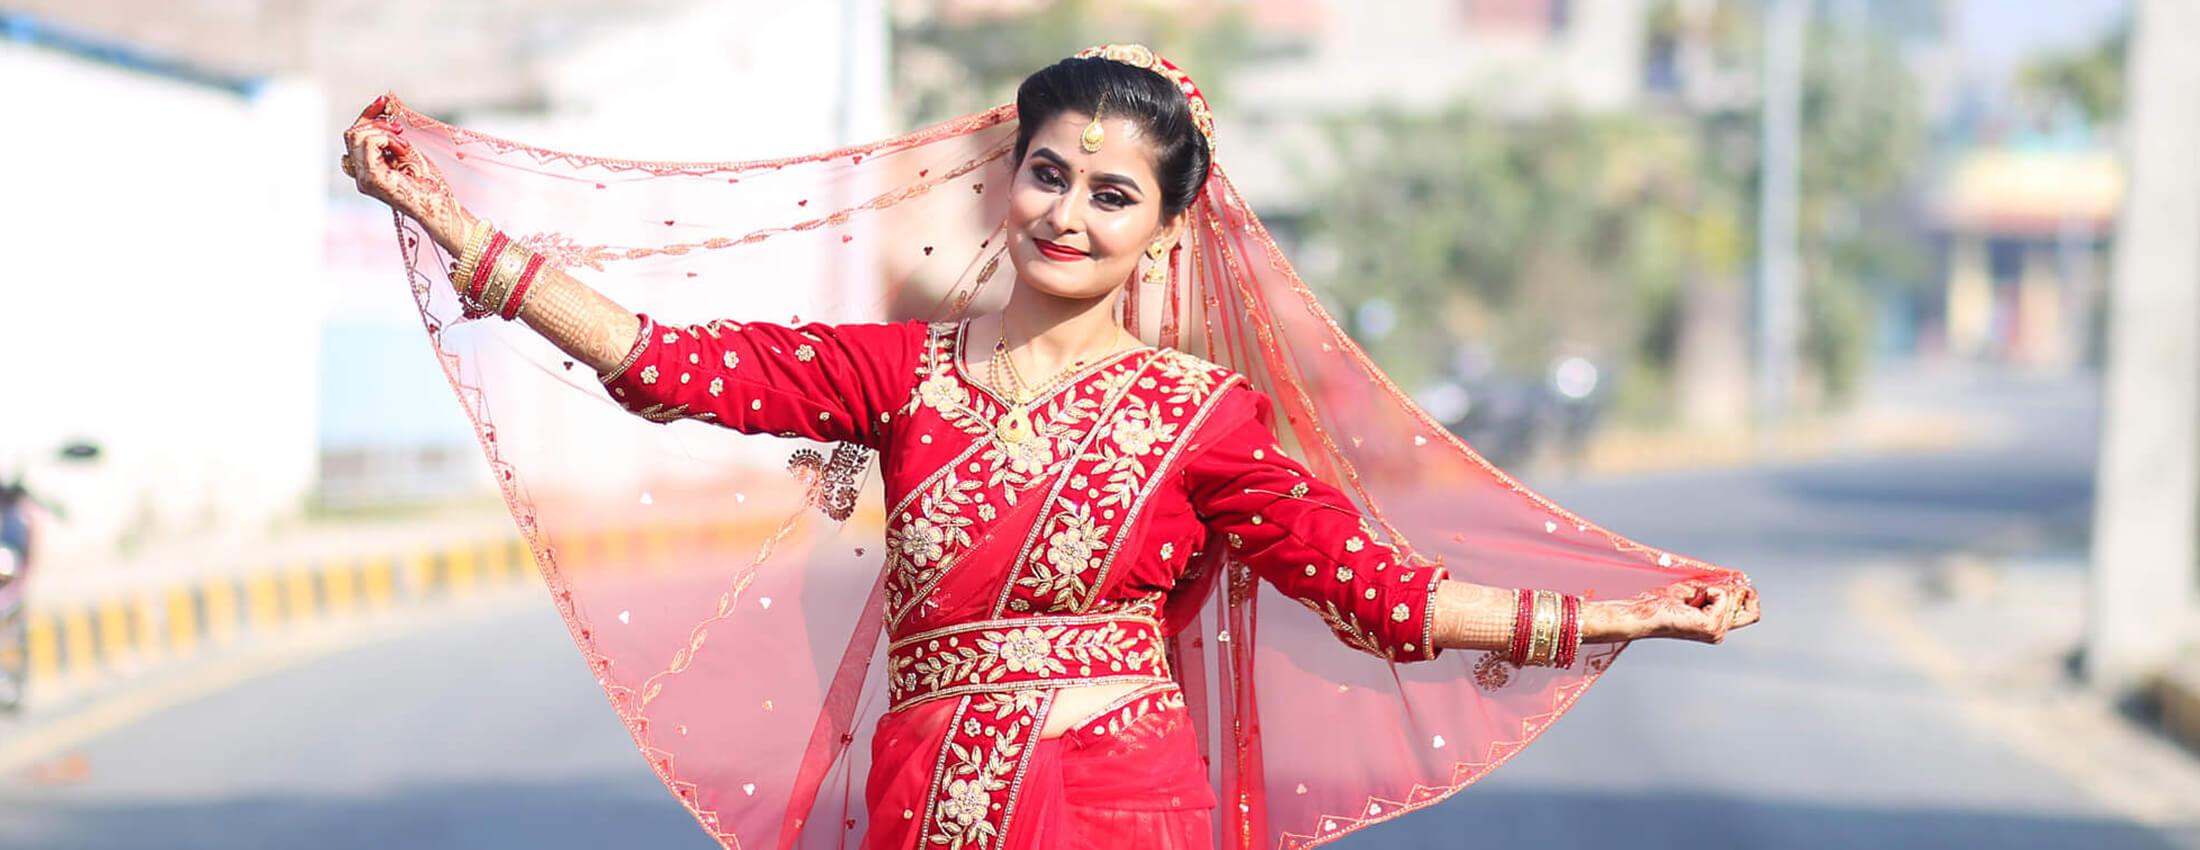 Swikriti Gautam - Bridal Photoshoot, Imgstock Biratnagar